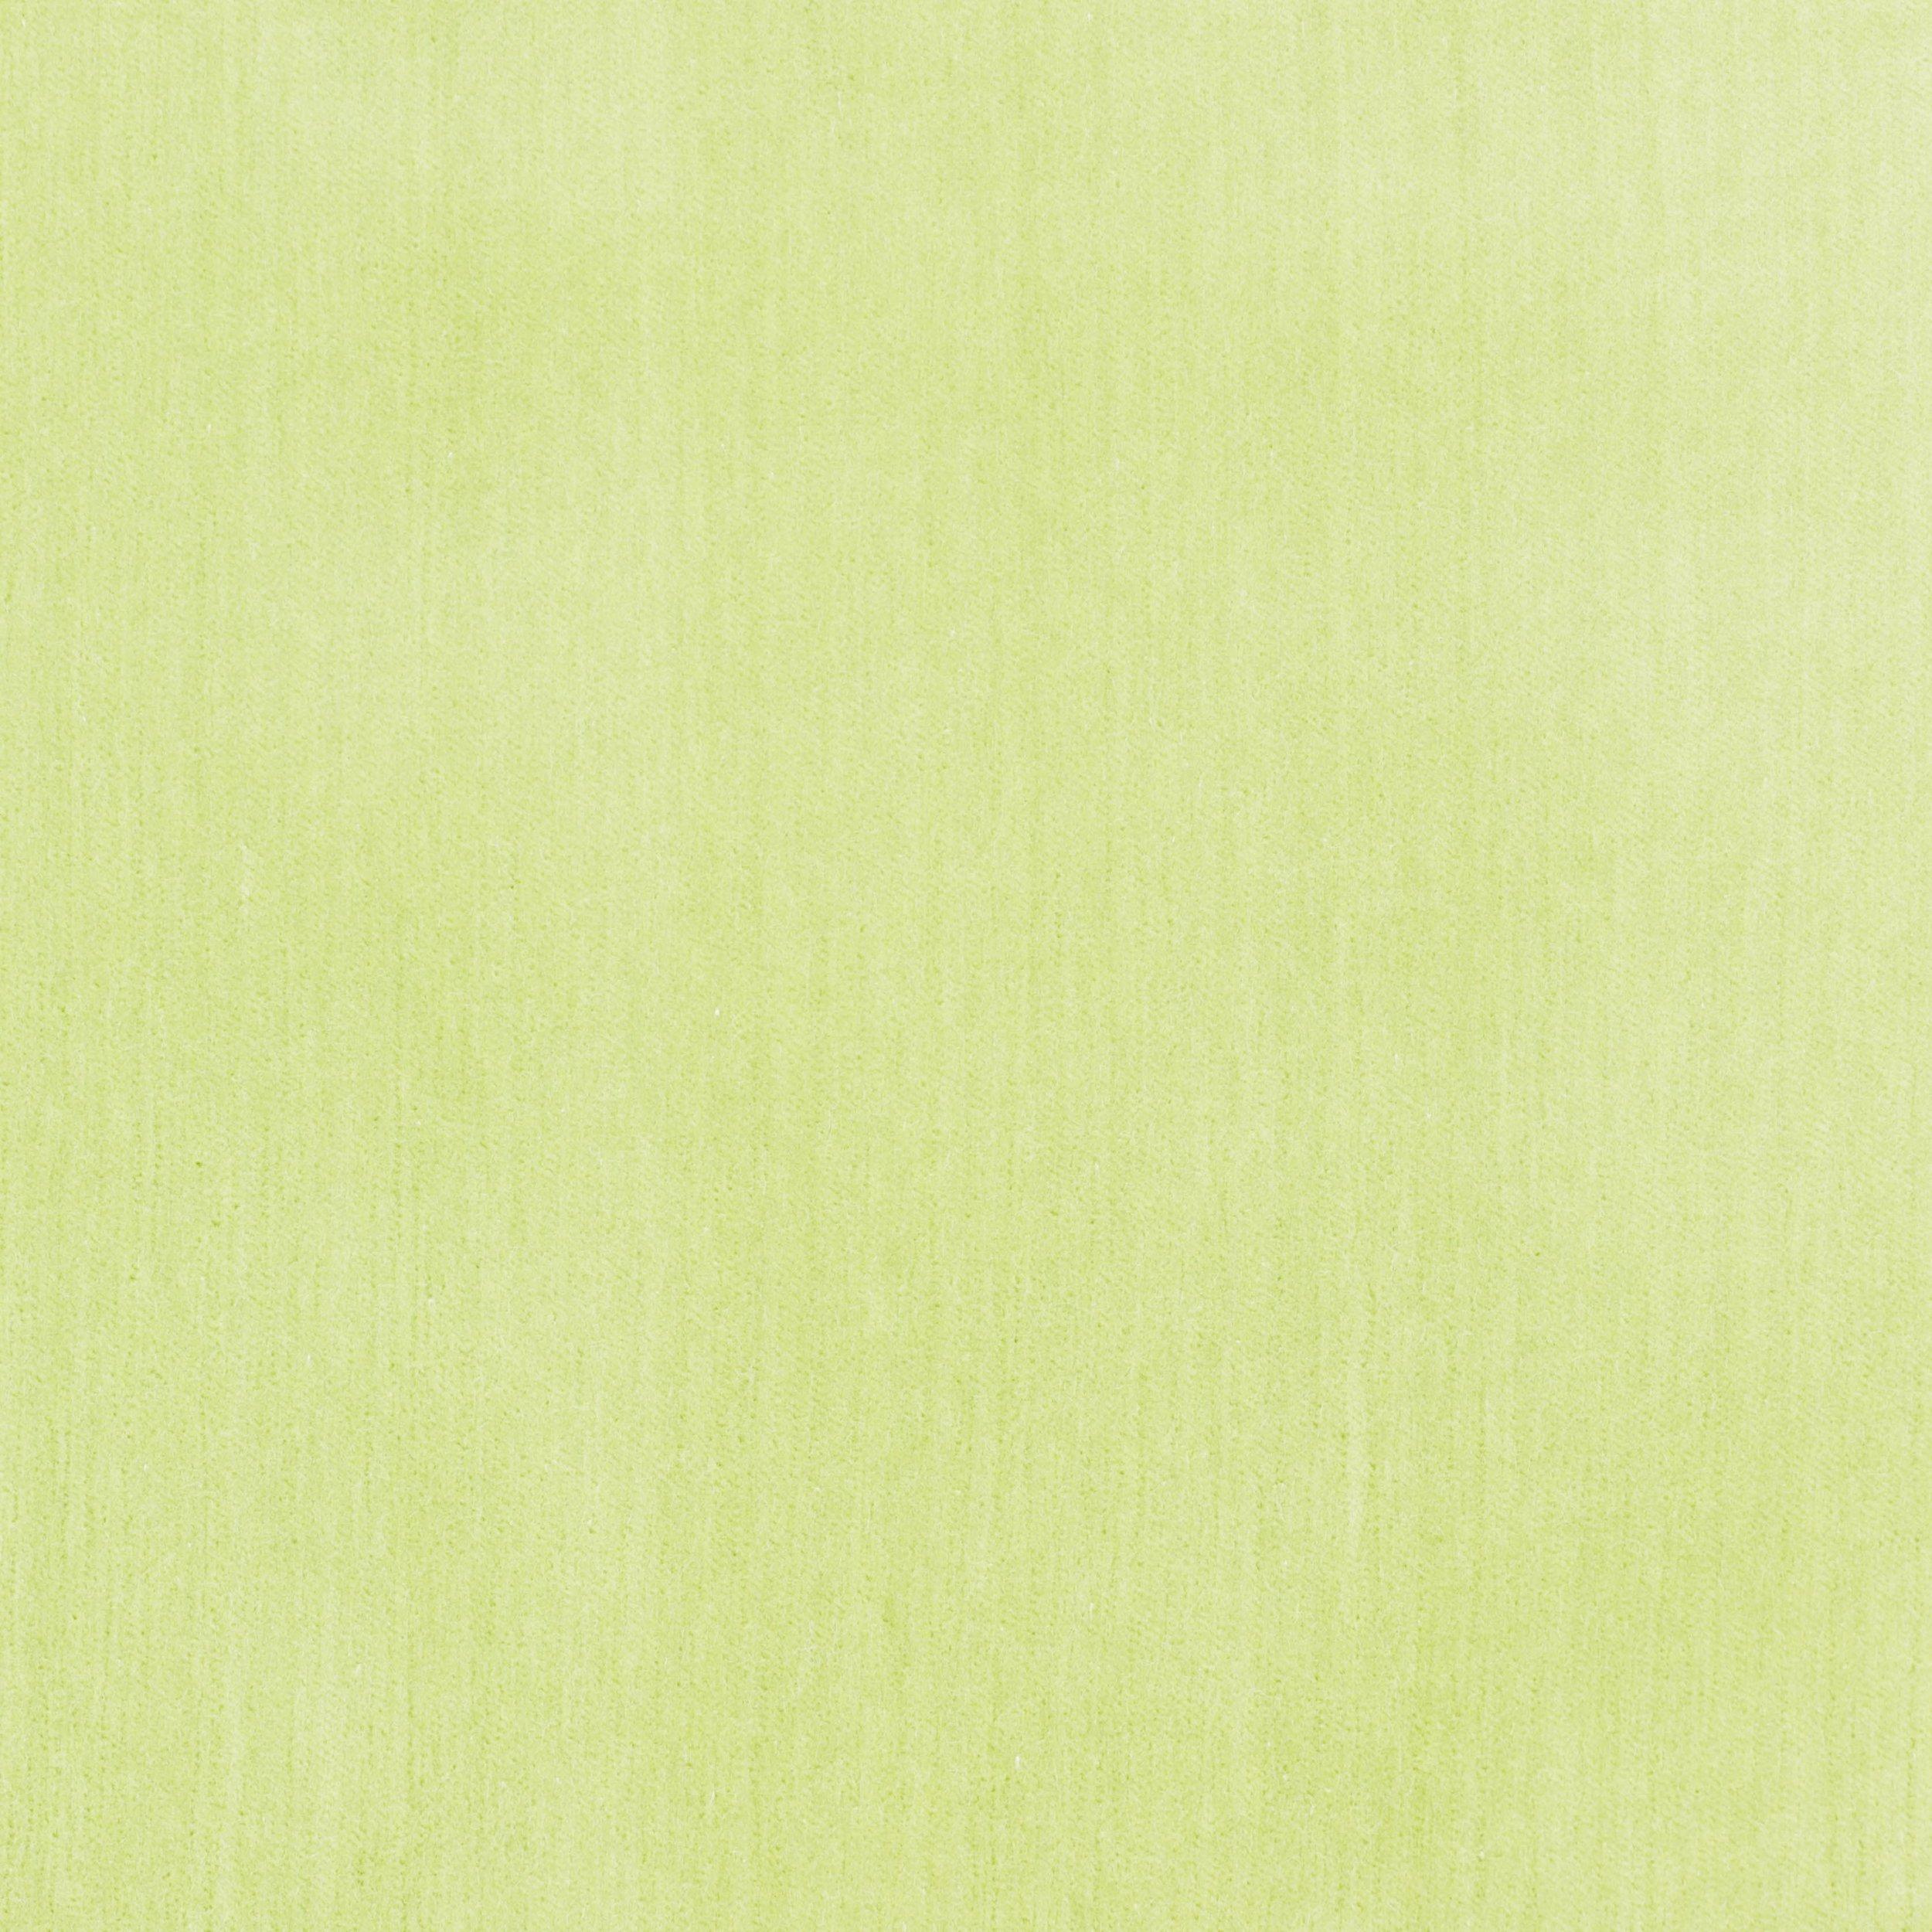 Lime 69